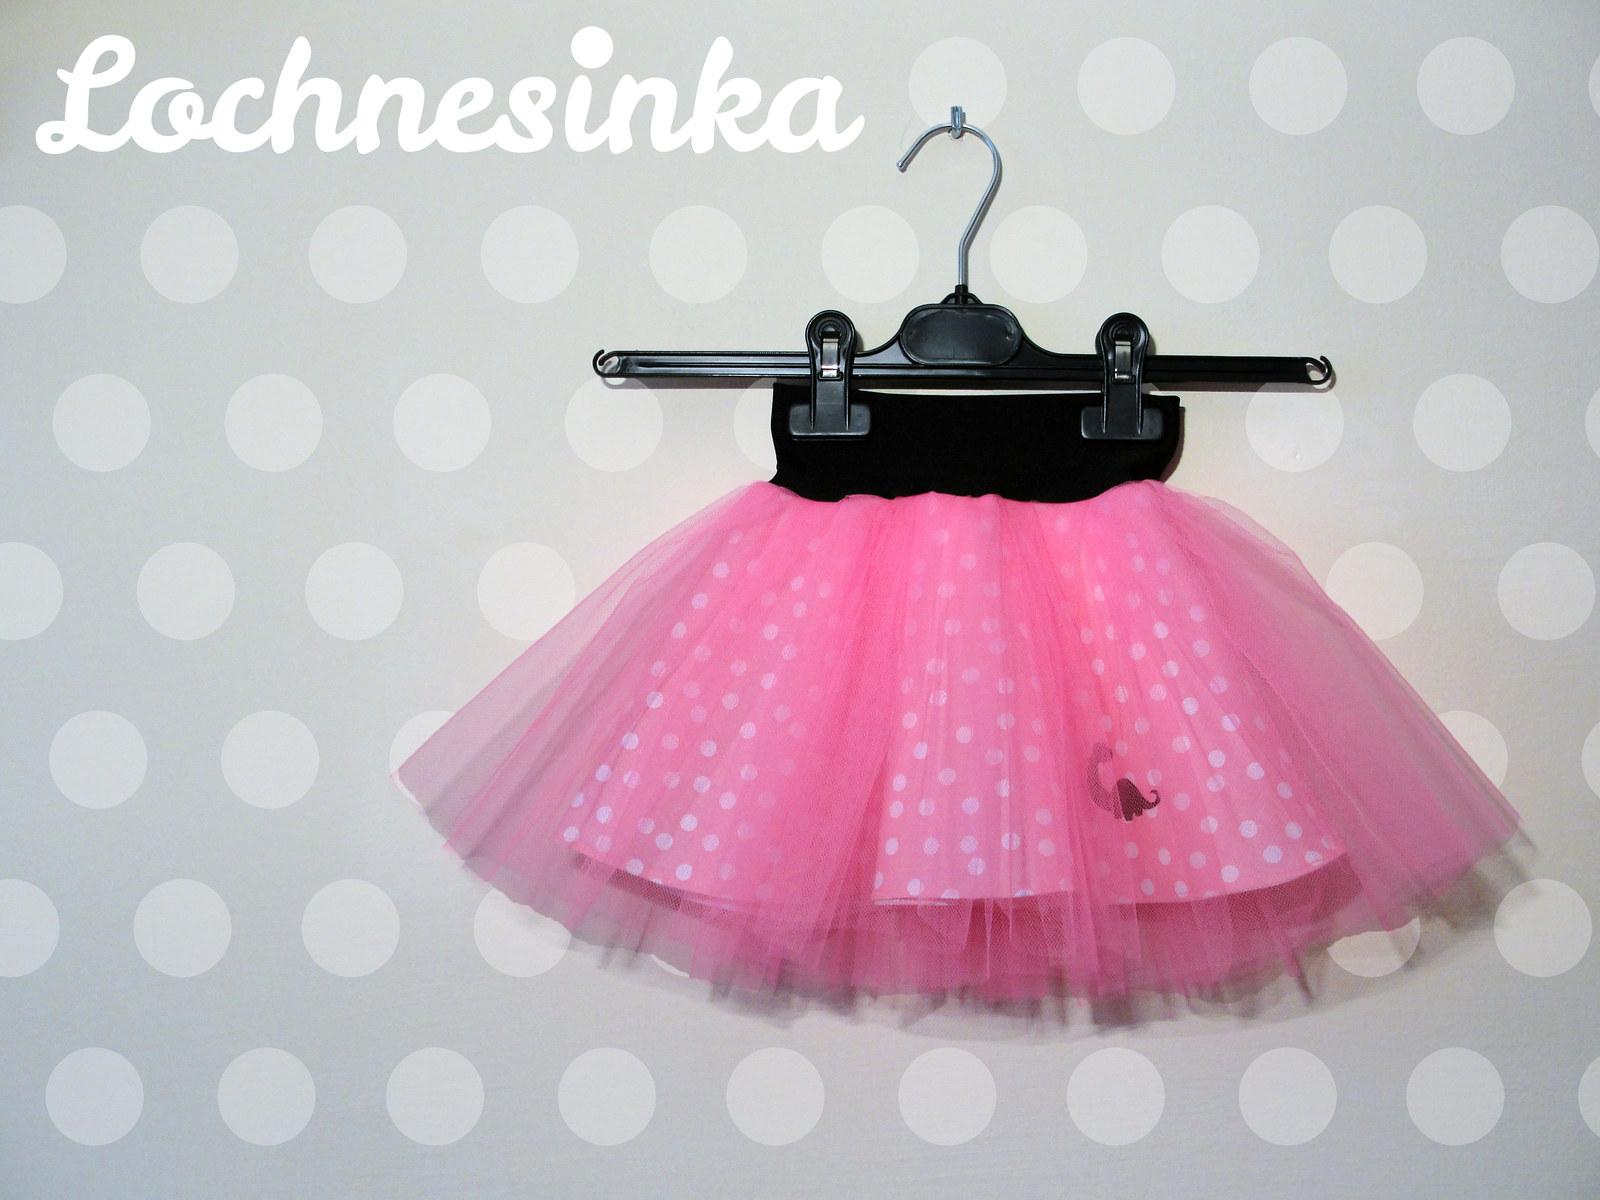 e9b900c7a74 Tylová sukýnka růžová s puntíkem dětská   Zboží prodejce Lochnesinka ...